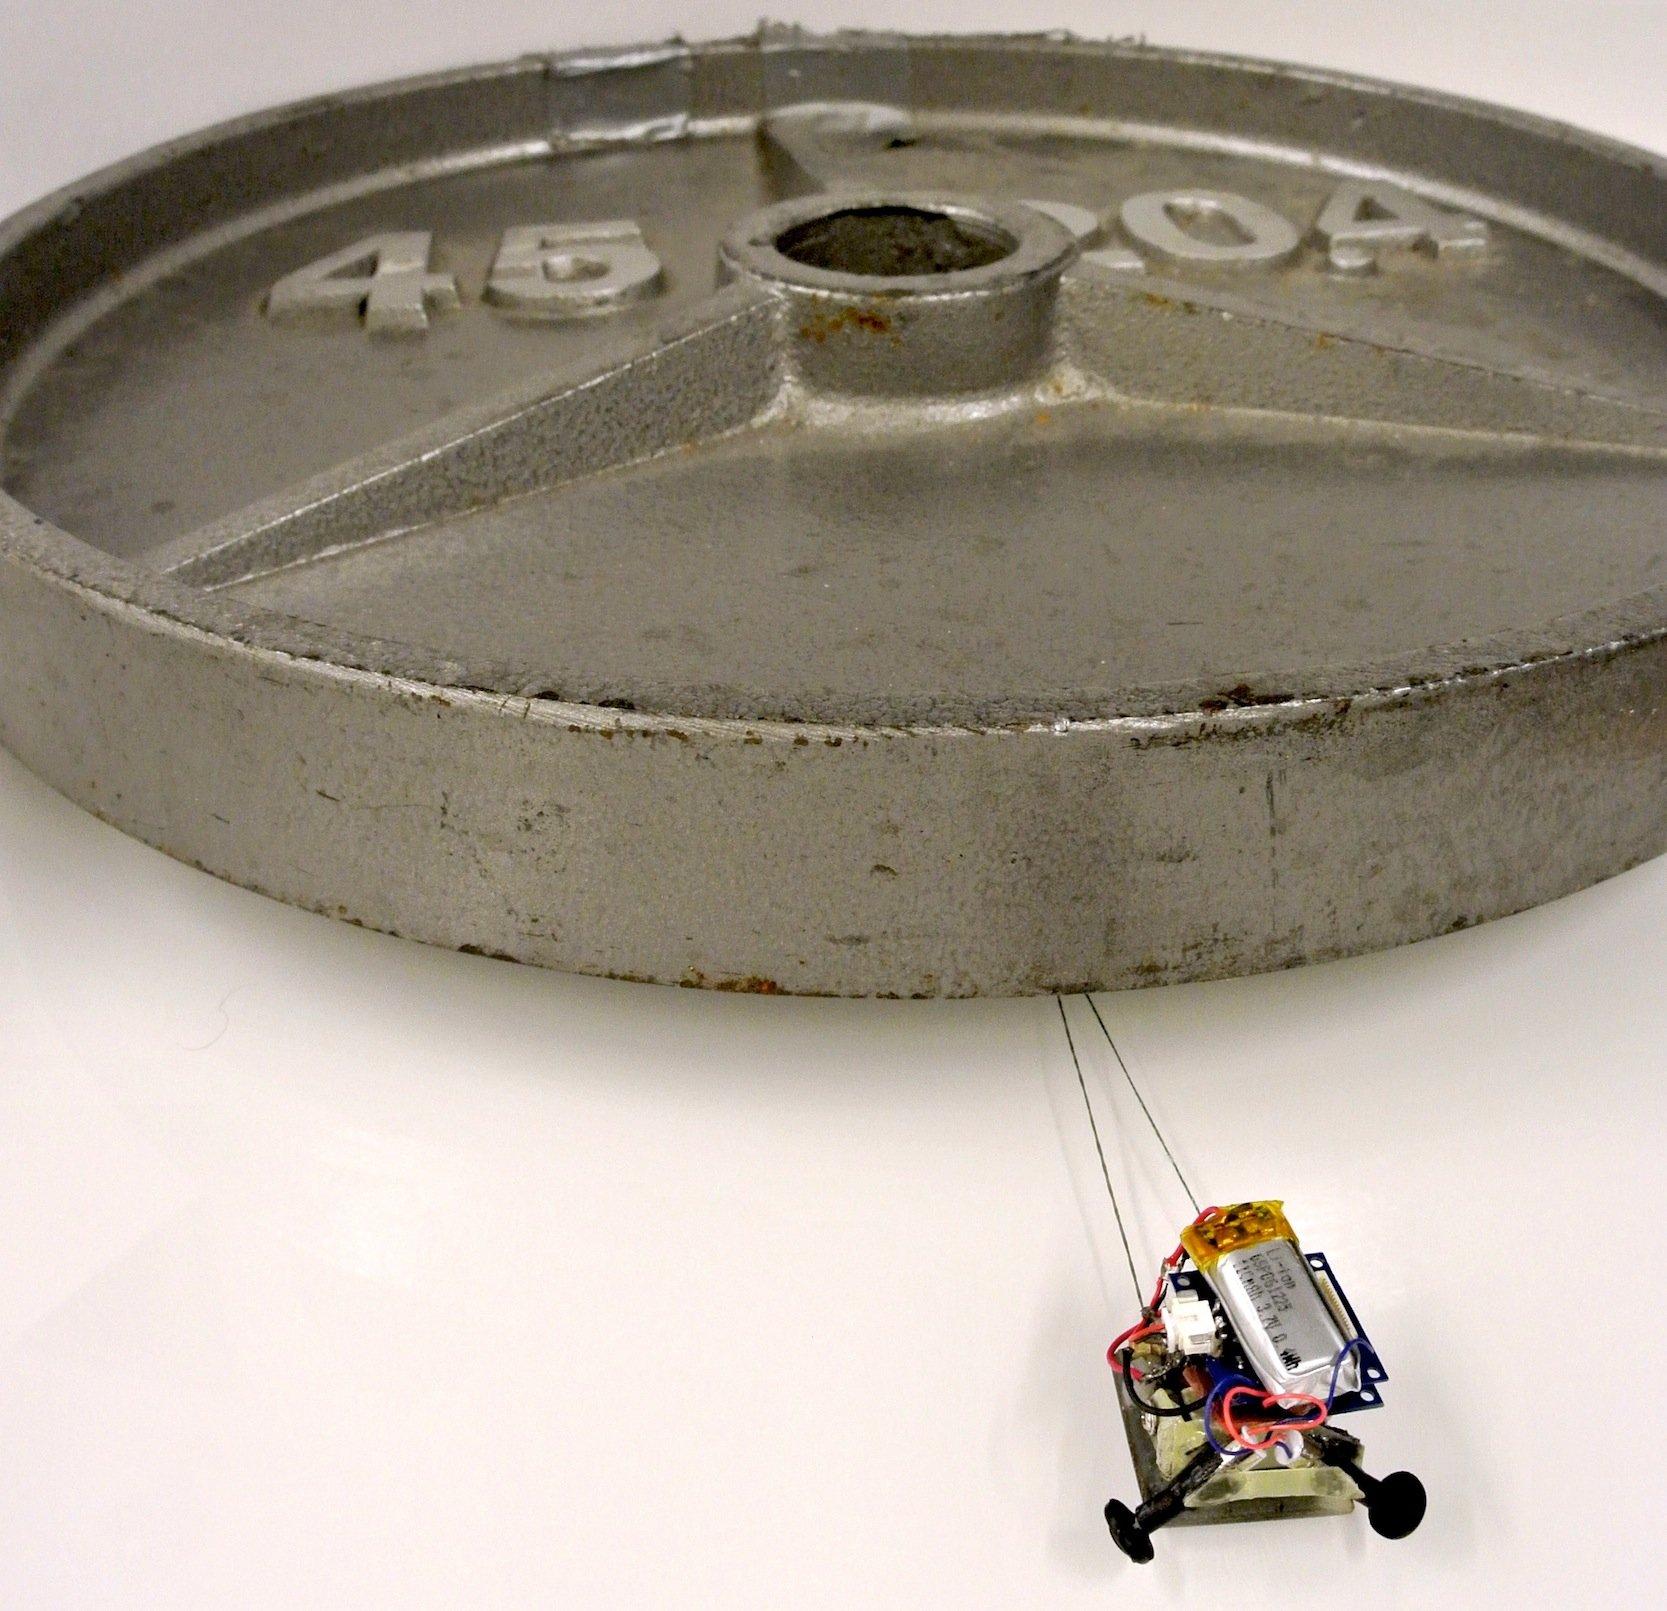 Die kleinen Roboter können durch die enorme Haftung bis zum 2000-fachen ihres Eigengewichts ziehen. Der Roboter auf dem Bild wiegt nur 12 g und zieht ein Gewicht von 21 kg.